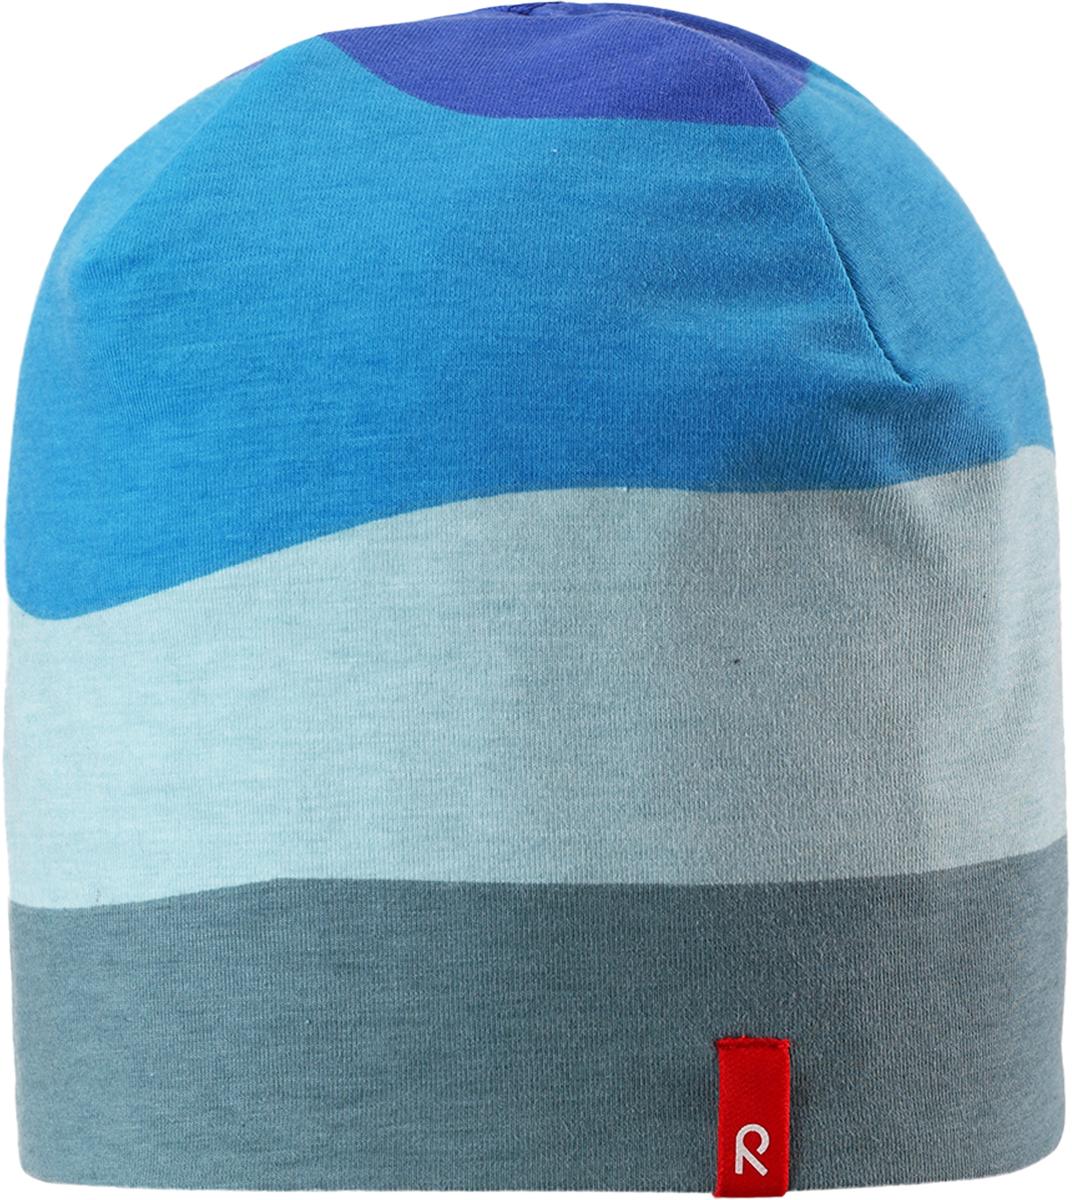 Шапка детская Reima, цвет: голубой. 5285836641. Размер 485285836641Легкая двусторонняя шапка от Reima изготовлена из хлопка с добавлением полиэстера и эластана. Озорная двухсторонняя шапка меняет цвет в одно мгновение!